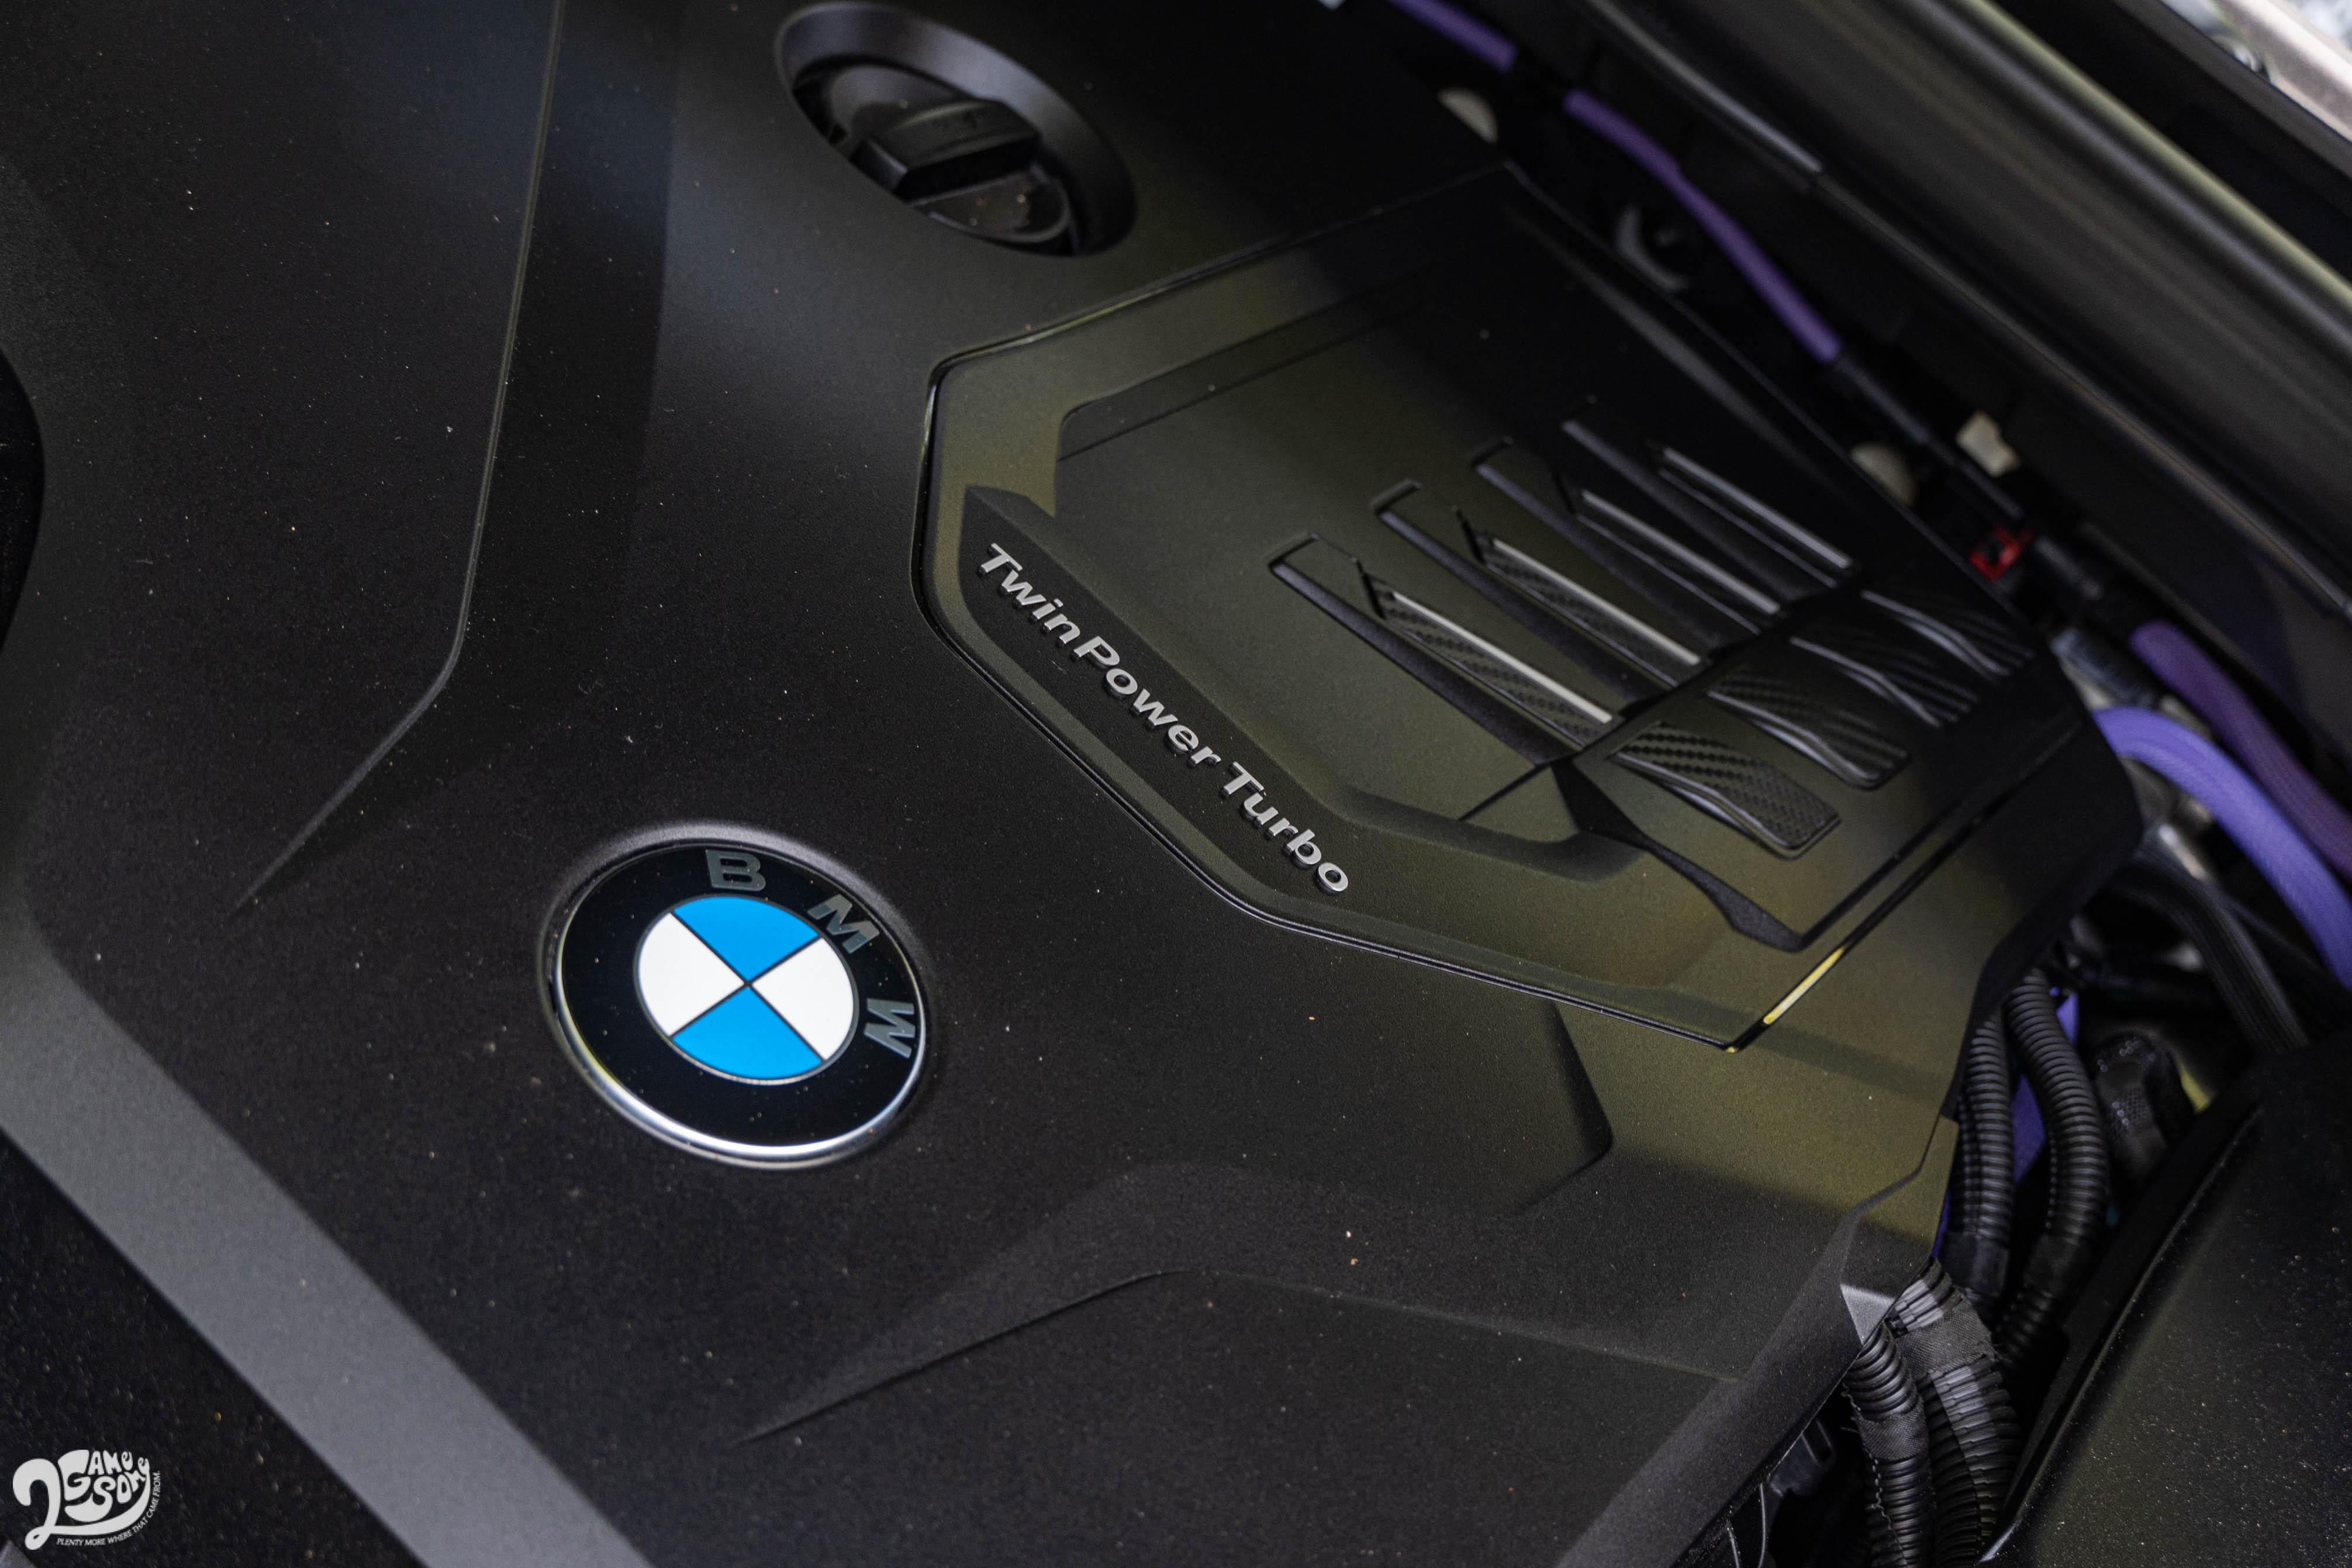 48V 系統運作非常細膩,可以聽到引擎的發動與休止,但震動微乎其微。